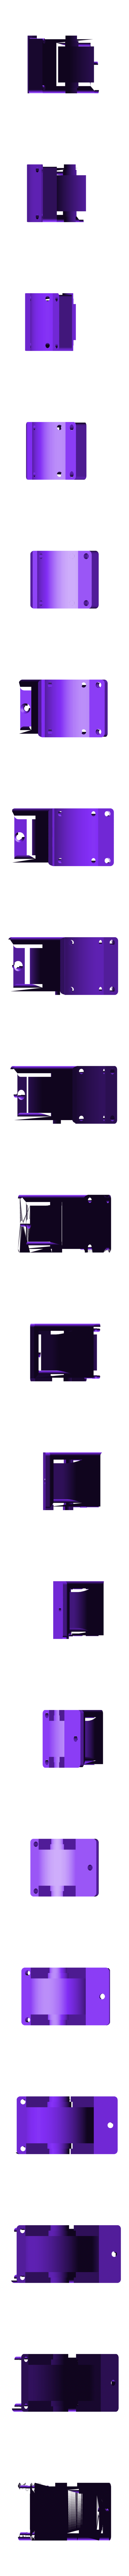 MRCC_OBTS_FRD_TOP.stl Download STL file MyRCCar 1/10 On-Road Build for Tesla Model S Body RC Car • 3D print object, dlb5